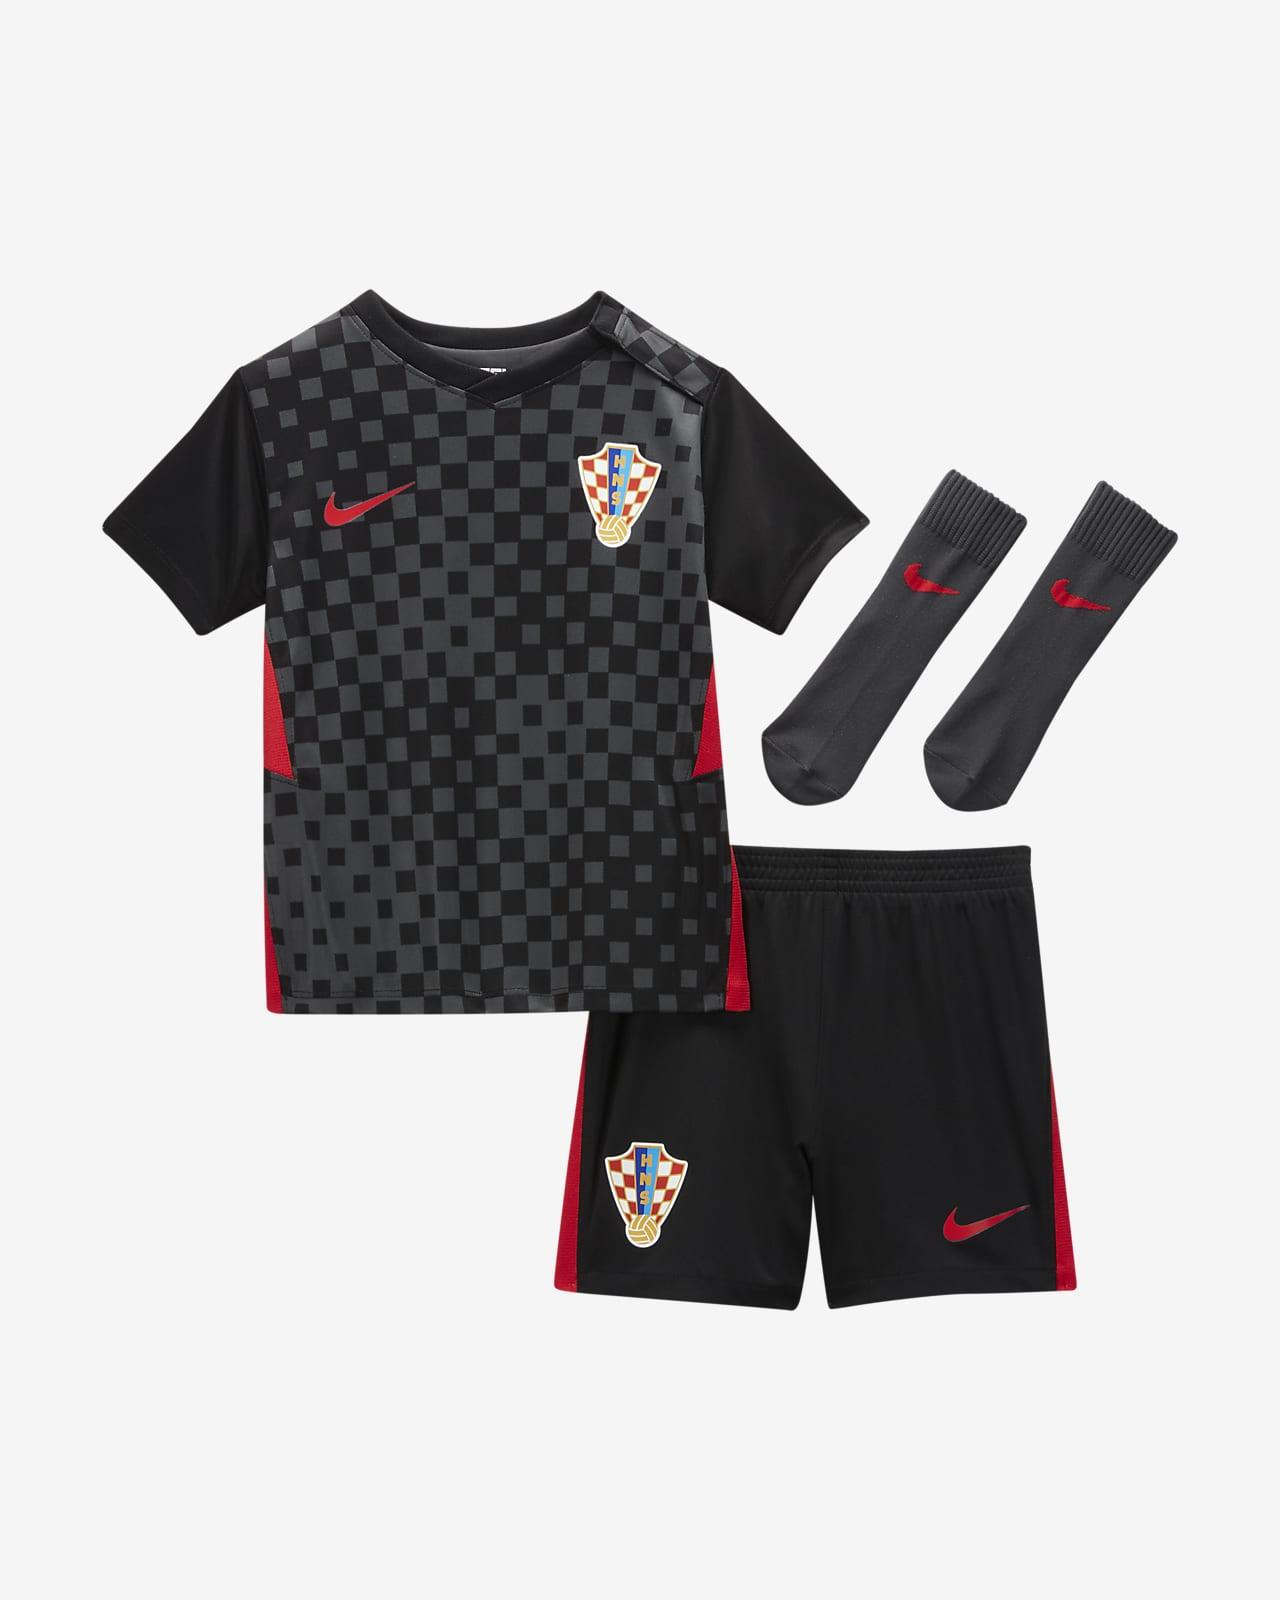 Kroatien 2020 Away Fußballtrikot-Set für Babys und Kleinkinder